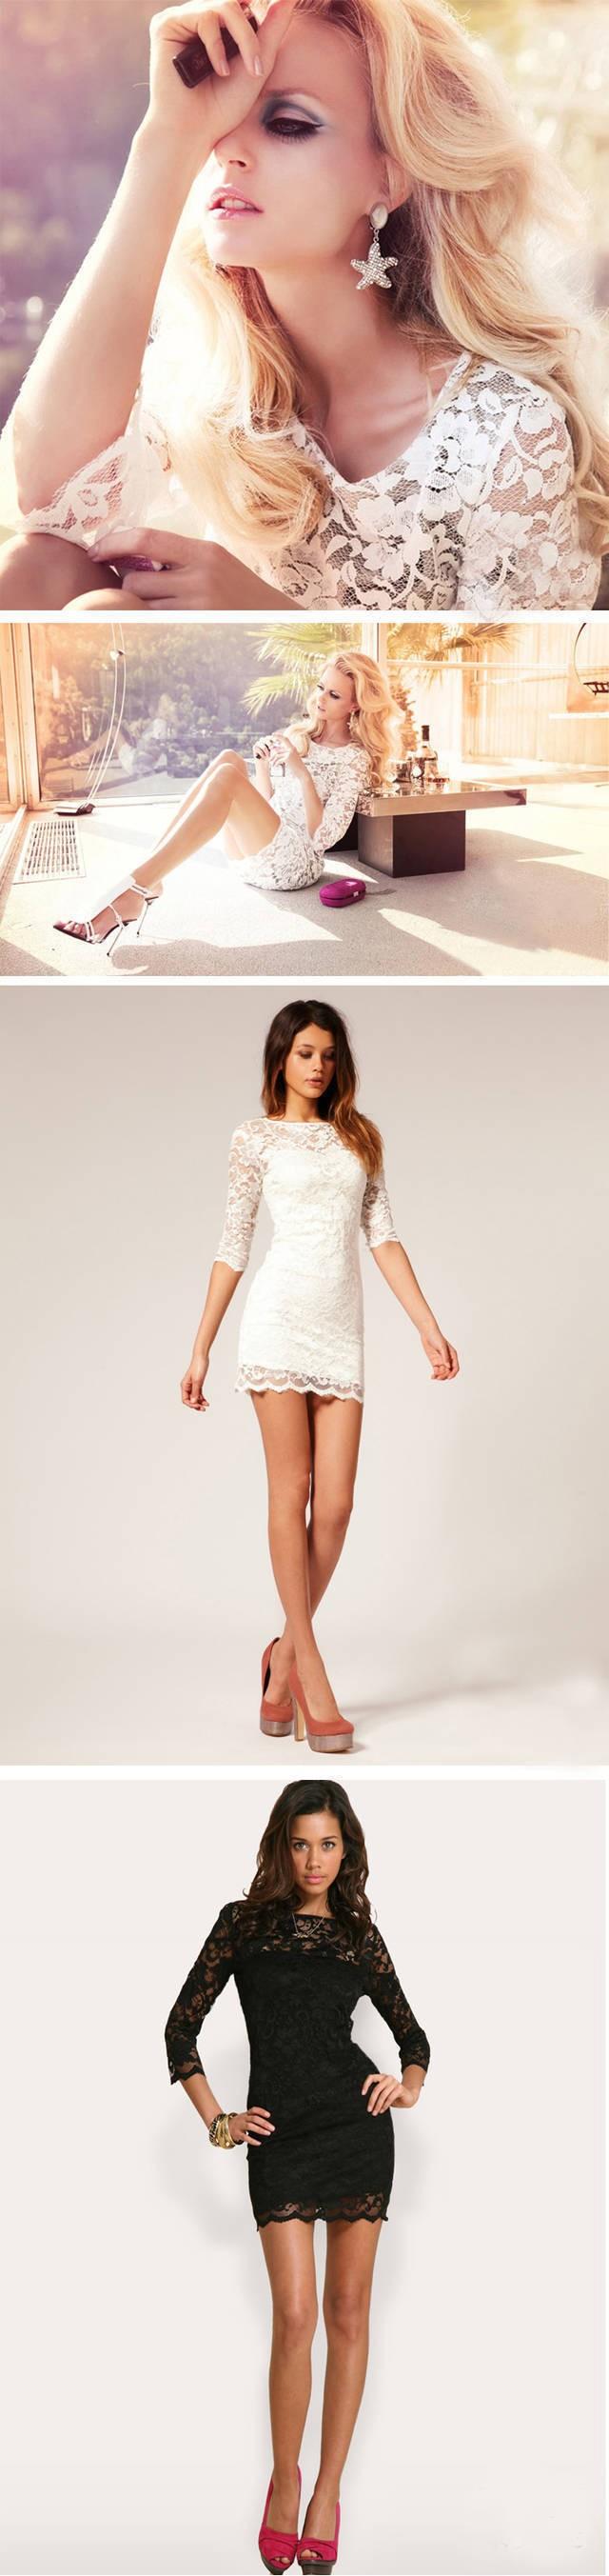 Женское платье JK 1021C 10/131 o dresse s m l XL 1021C10-131